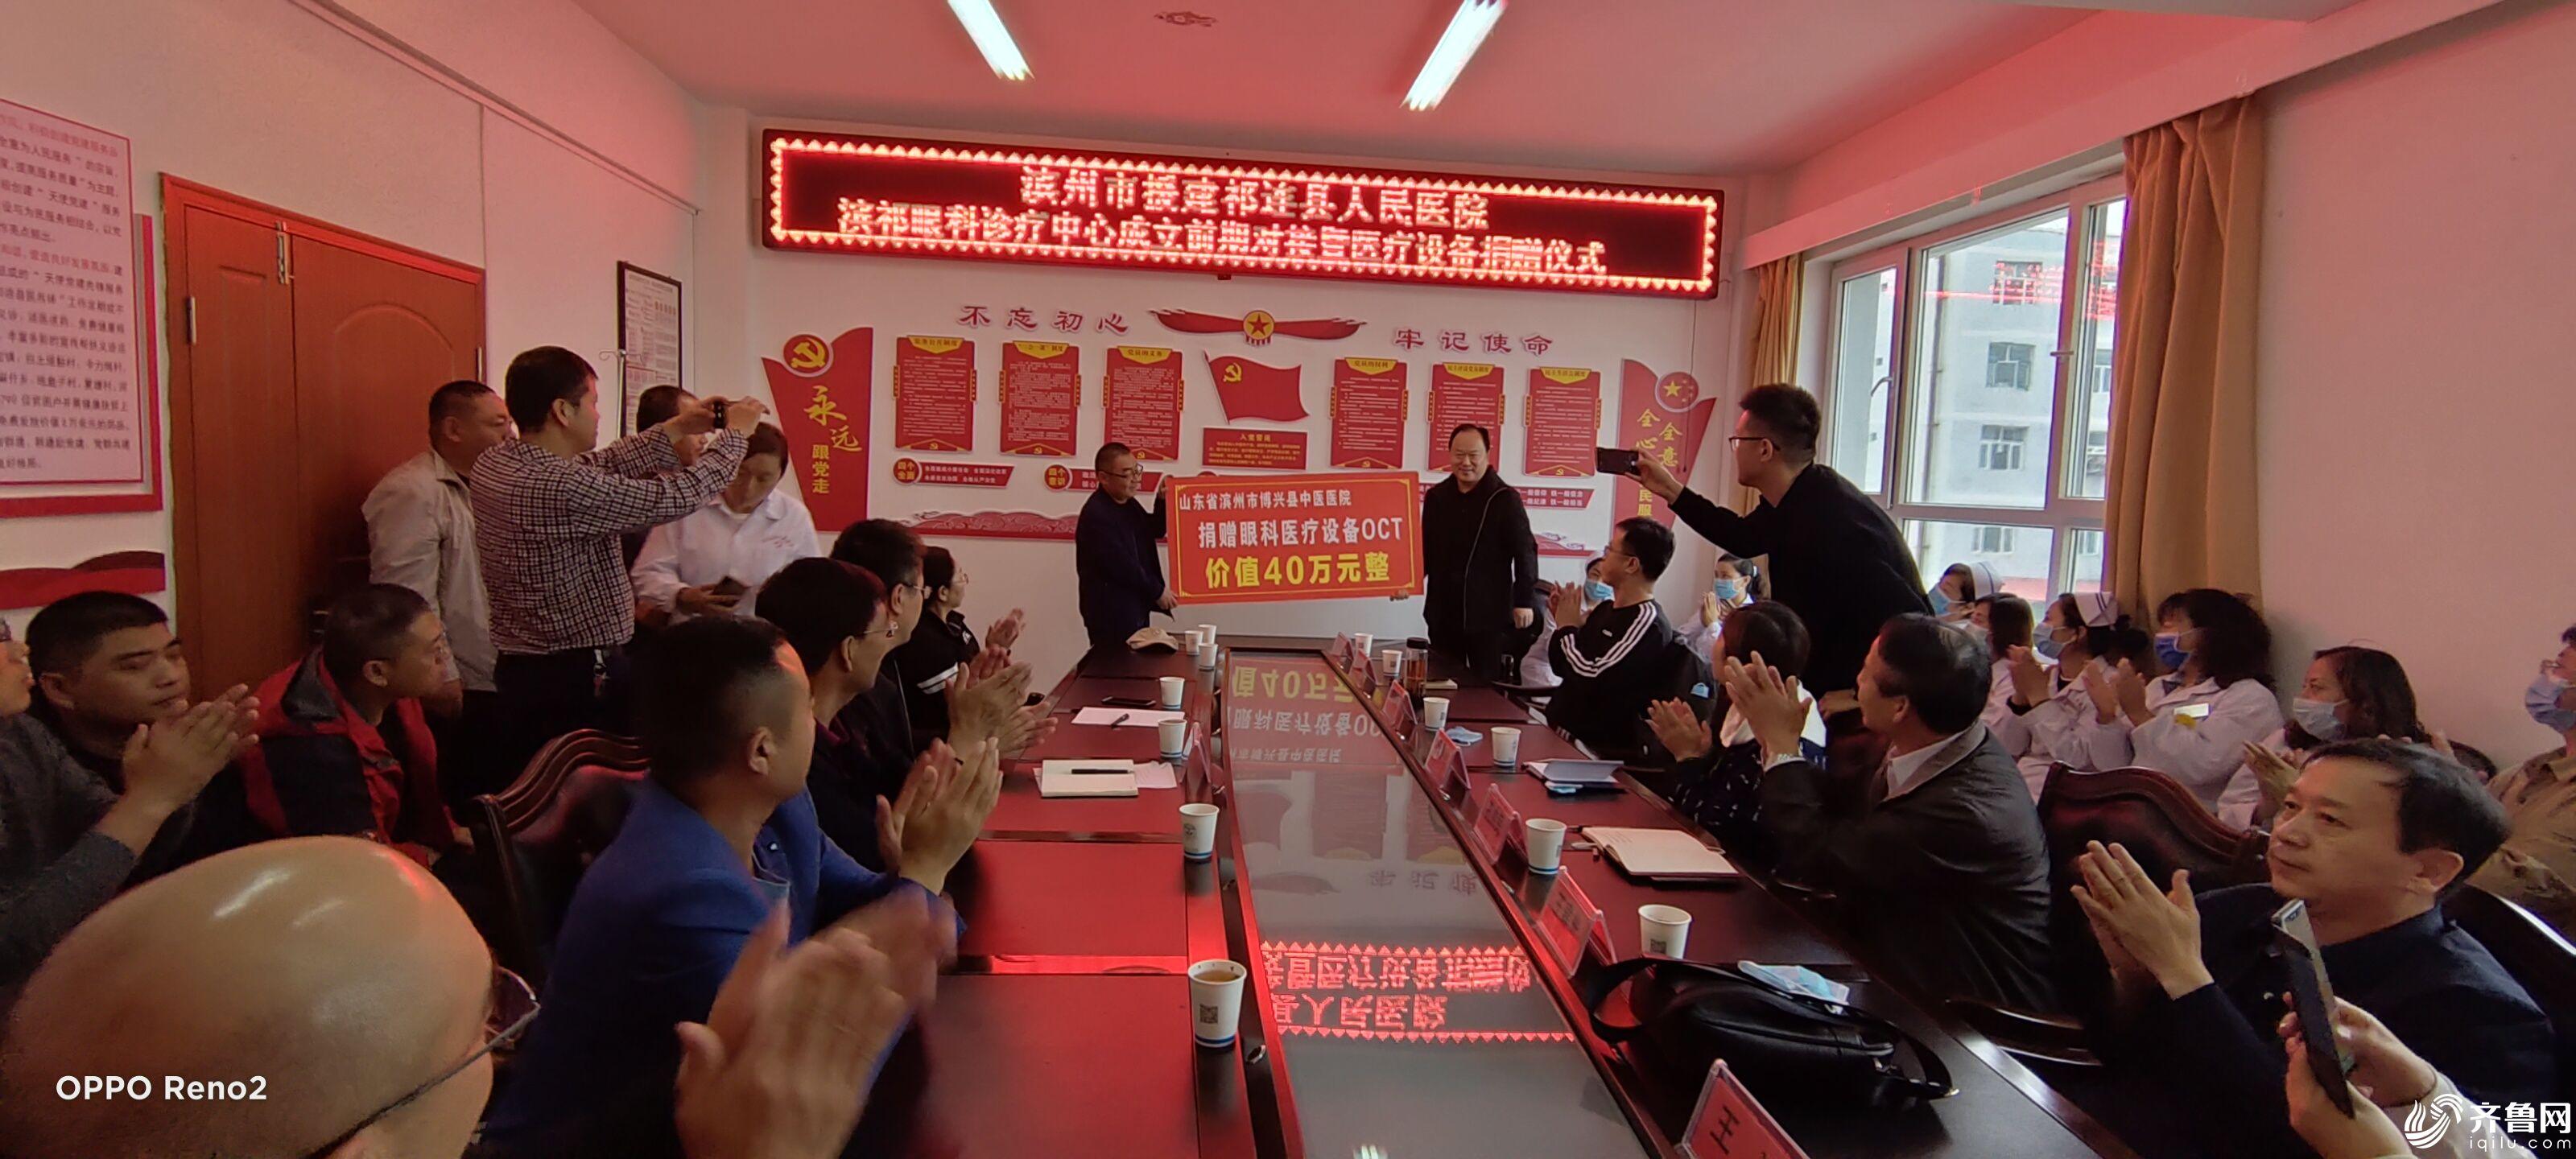 8月22日,滨祁眼科诊疗中心成立前期对接暨40万元眼科医疗设备OCT捐赠仪式在祁连县人民医院举行